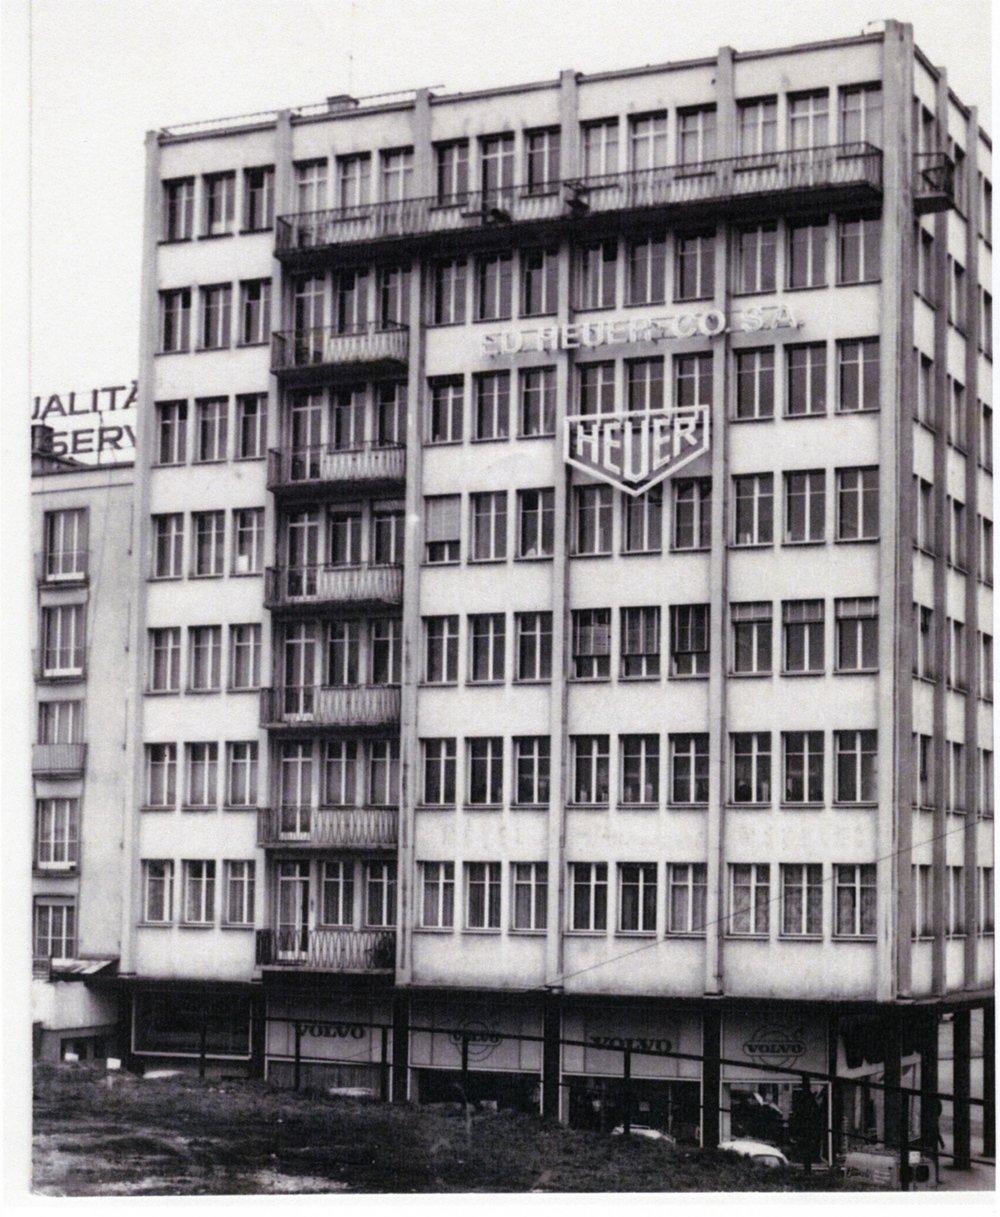 Heuer_HeuerBuildin-bienne 1960s.jpg